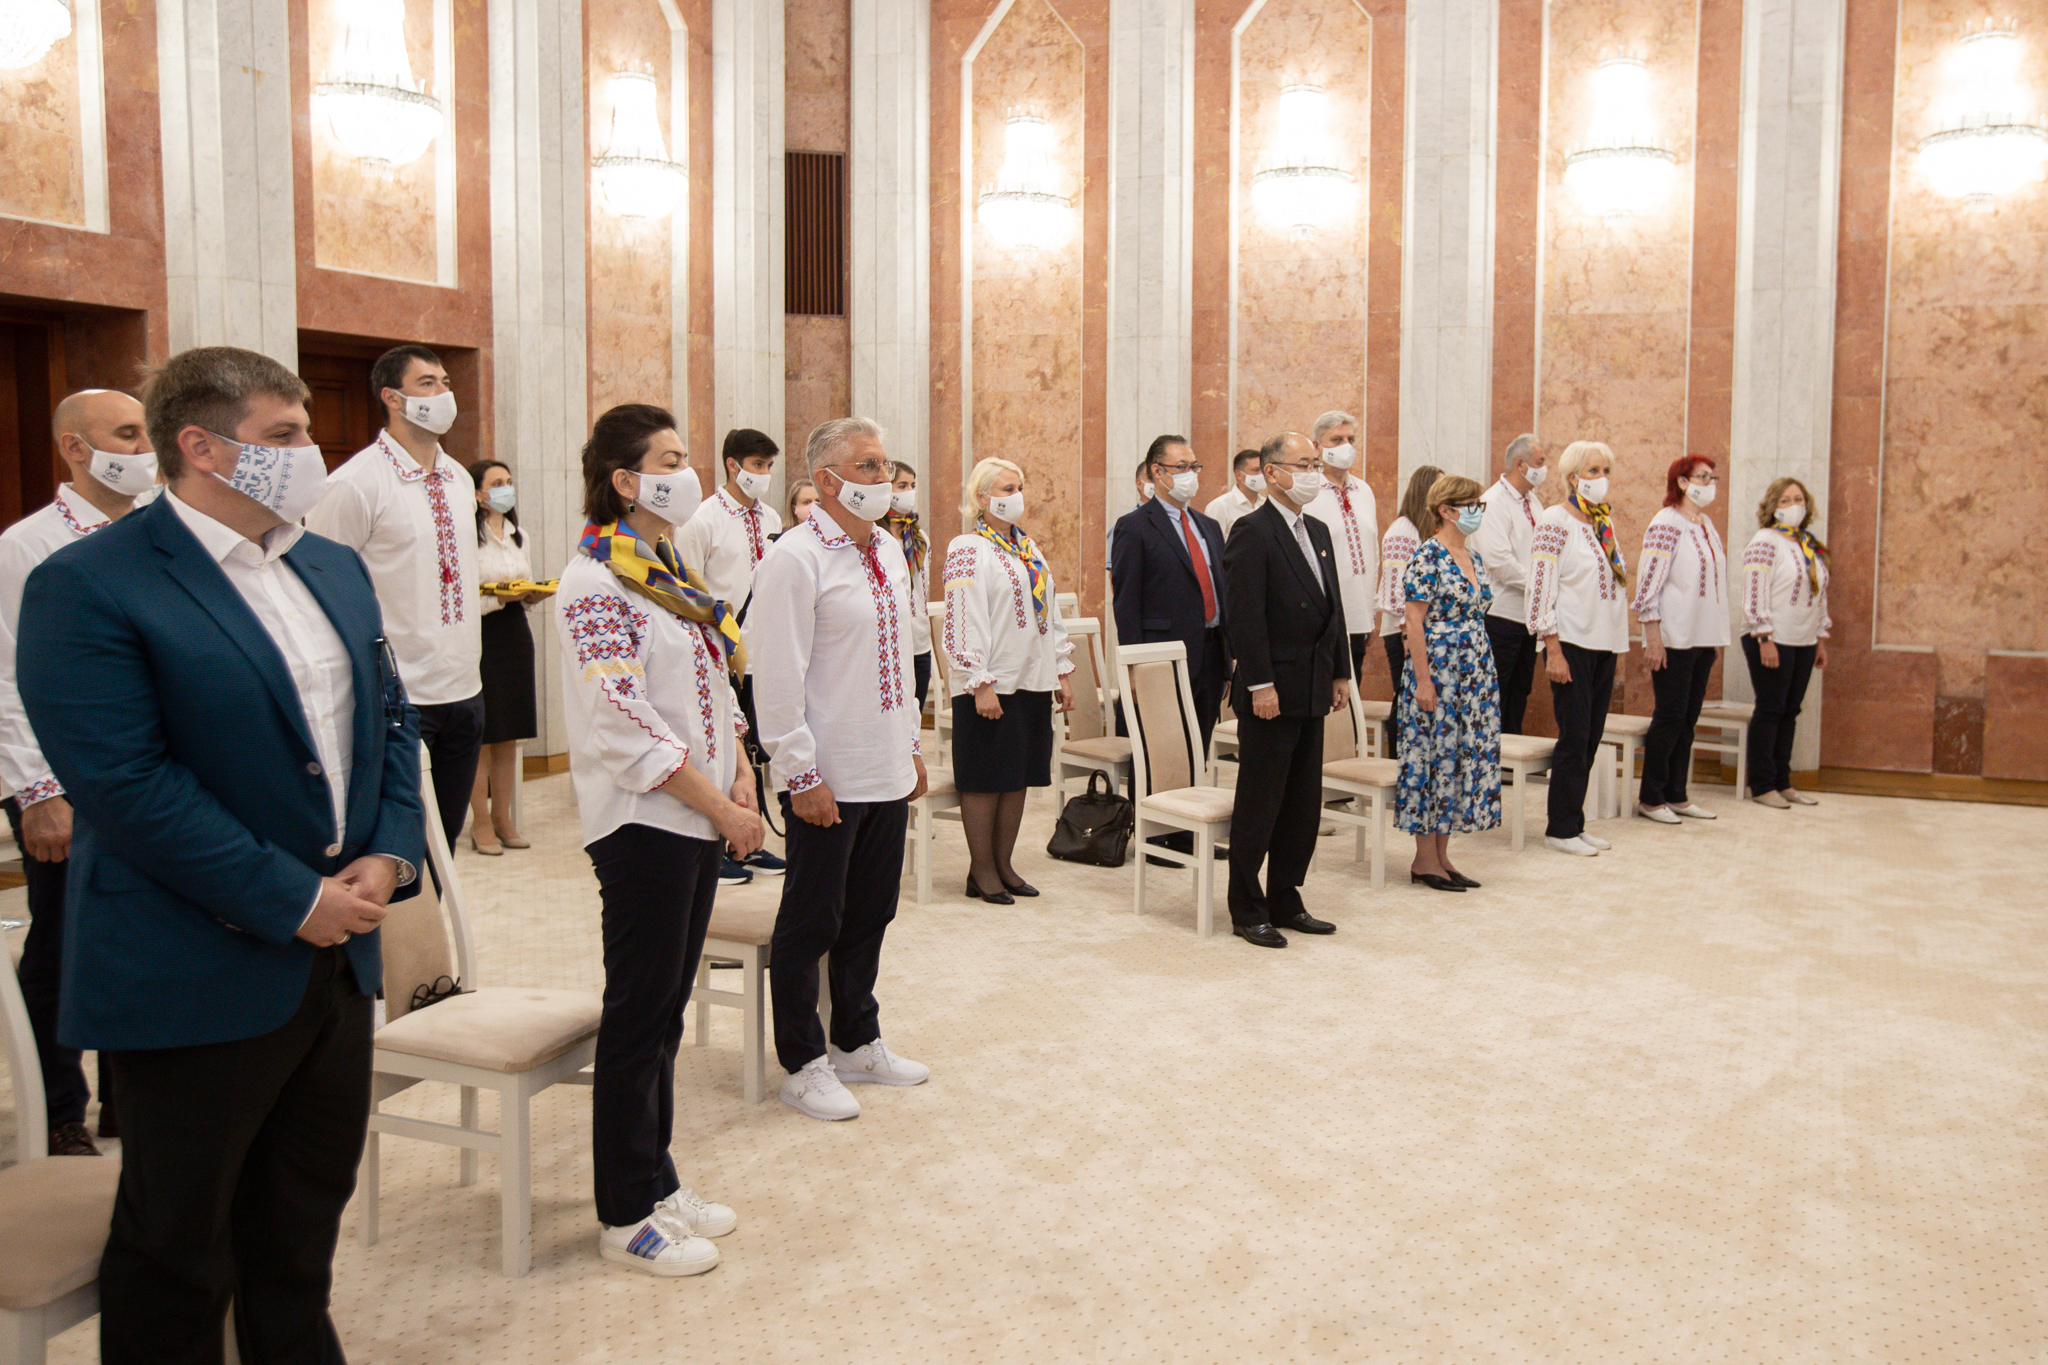 Санду вручила флаг Молдовы спортсменам, которые поедут наОлимпийские игры вТокио